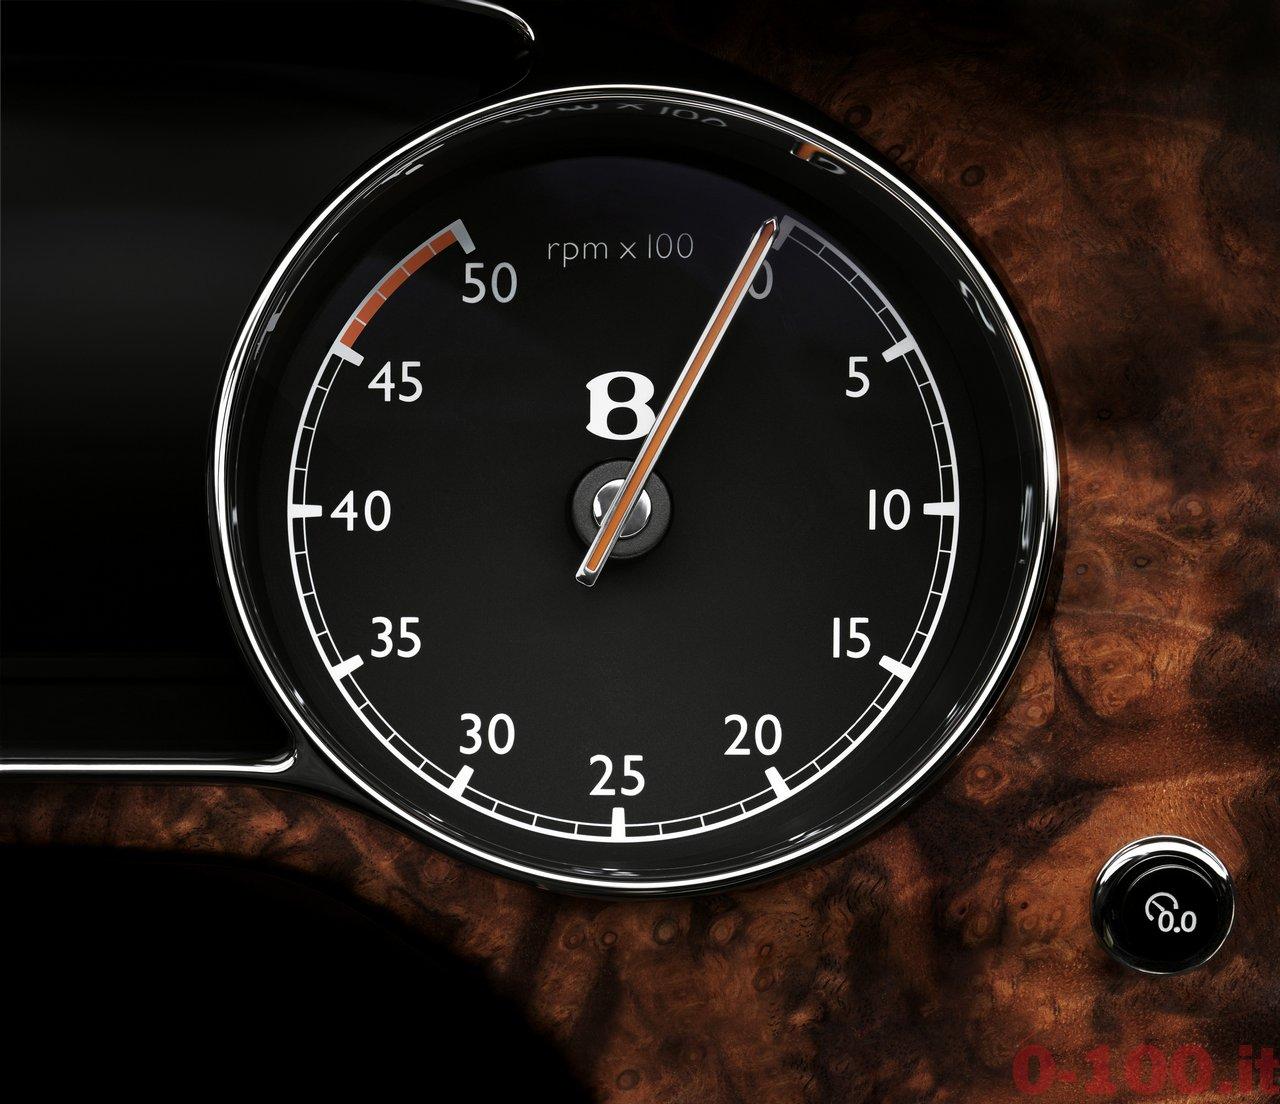 bentley-mulsanne-v8-6-75-litres-0-100_10